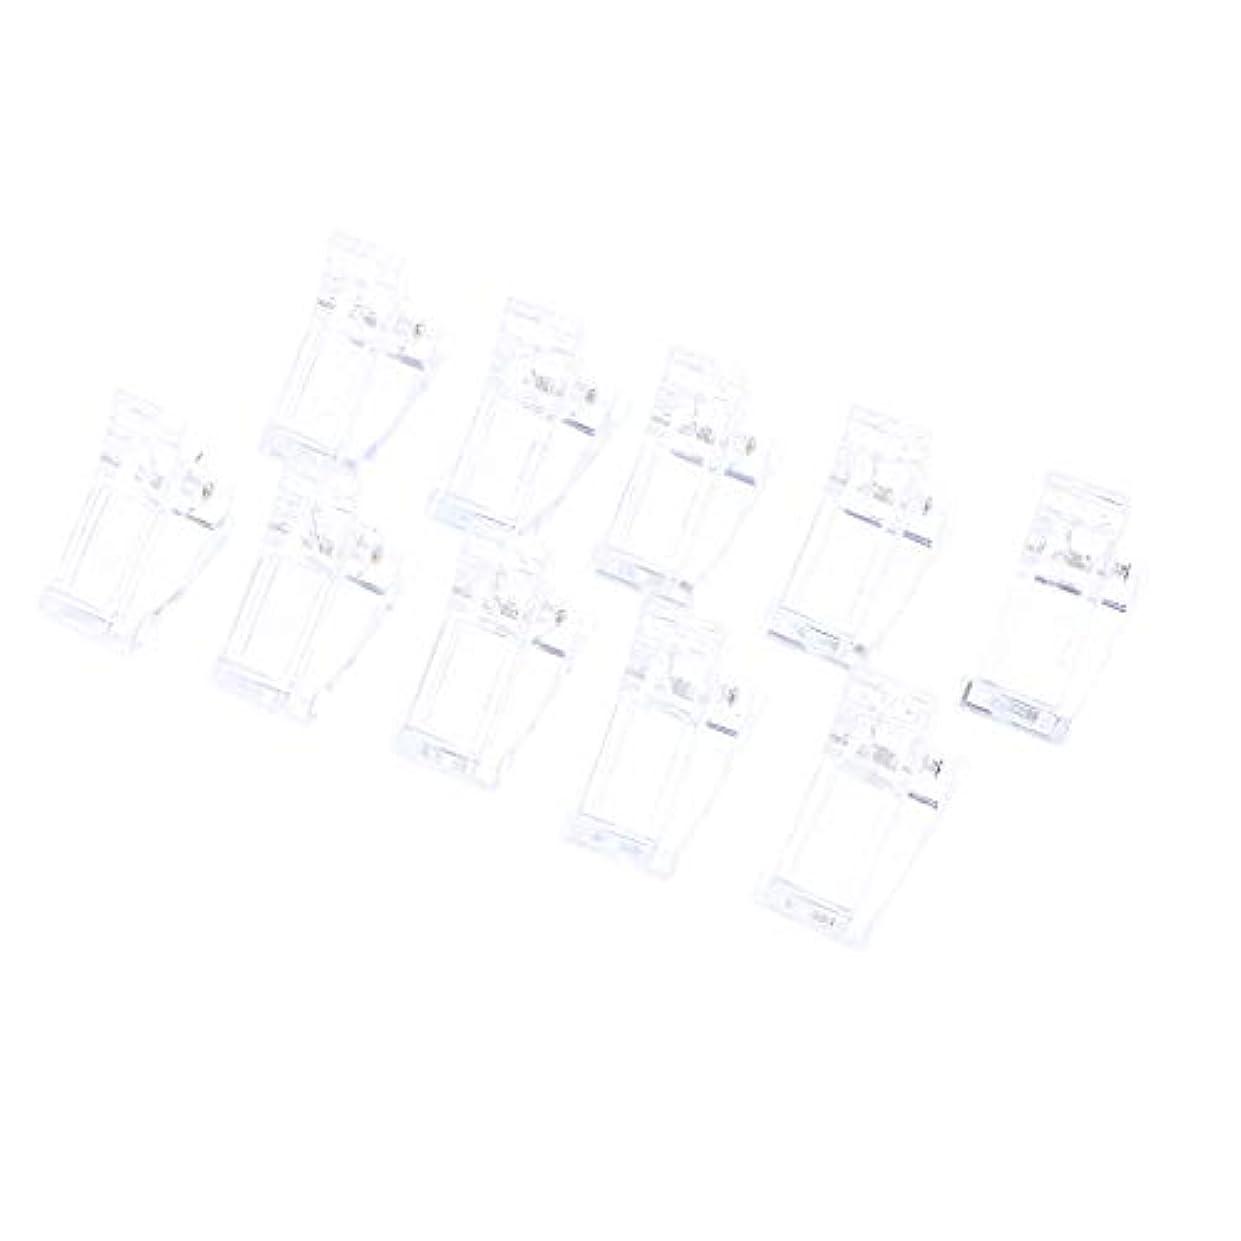 ラブ一月スワップ10ピース/セットポリゲルクイックビルネイルアートのヒントクリップ爪用 - UV Ledネイルプラスチックアシスタントツール